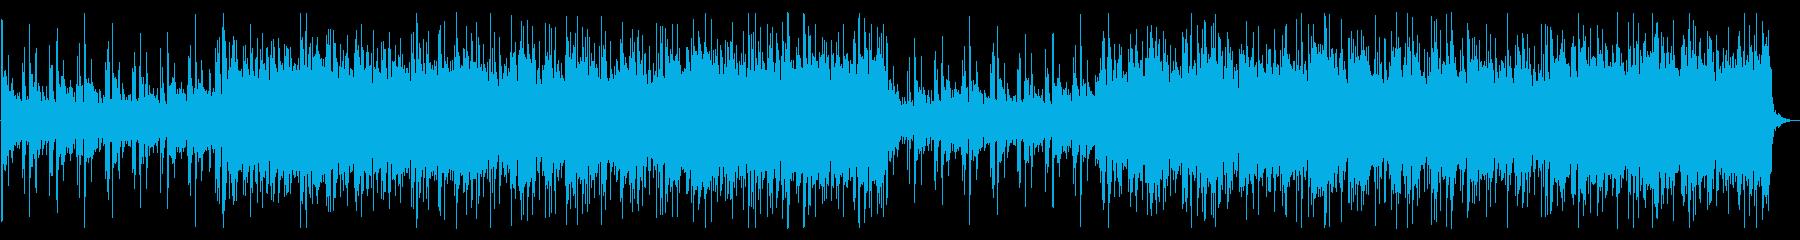 幻想的/夢/リラックス_No608_1の再生済みの波形